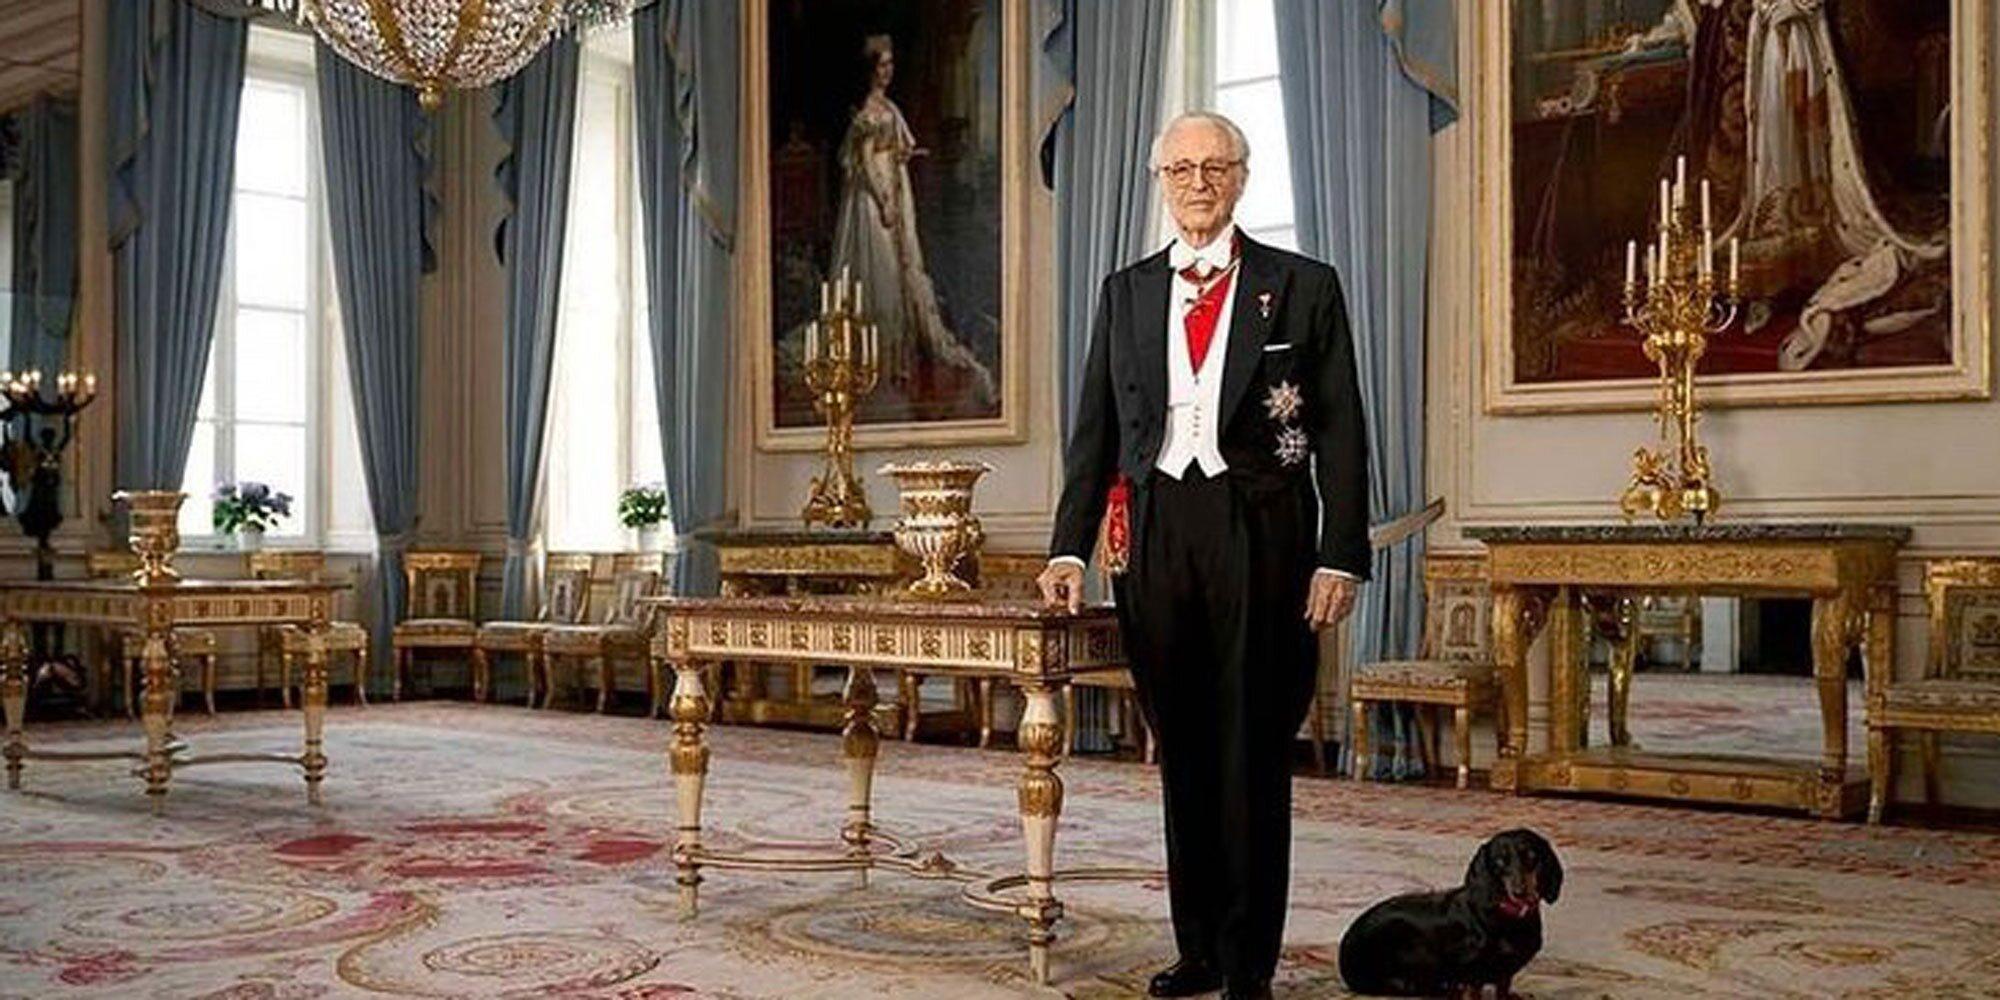 El Duque de Baviera y su novio, Thomas Greinwald, posan juntos en un retrato oficial